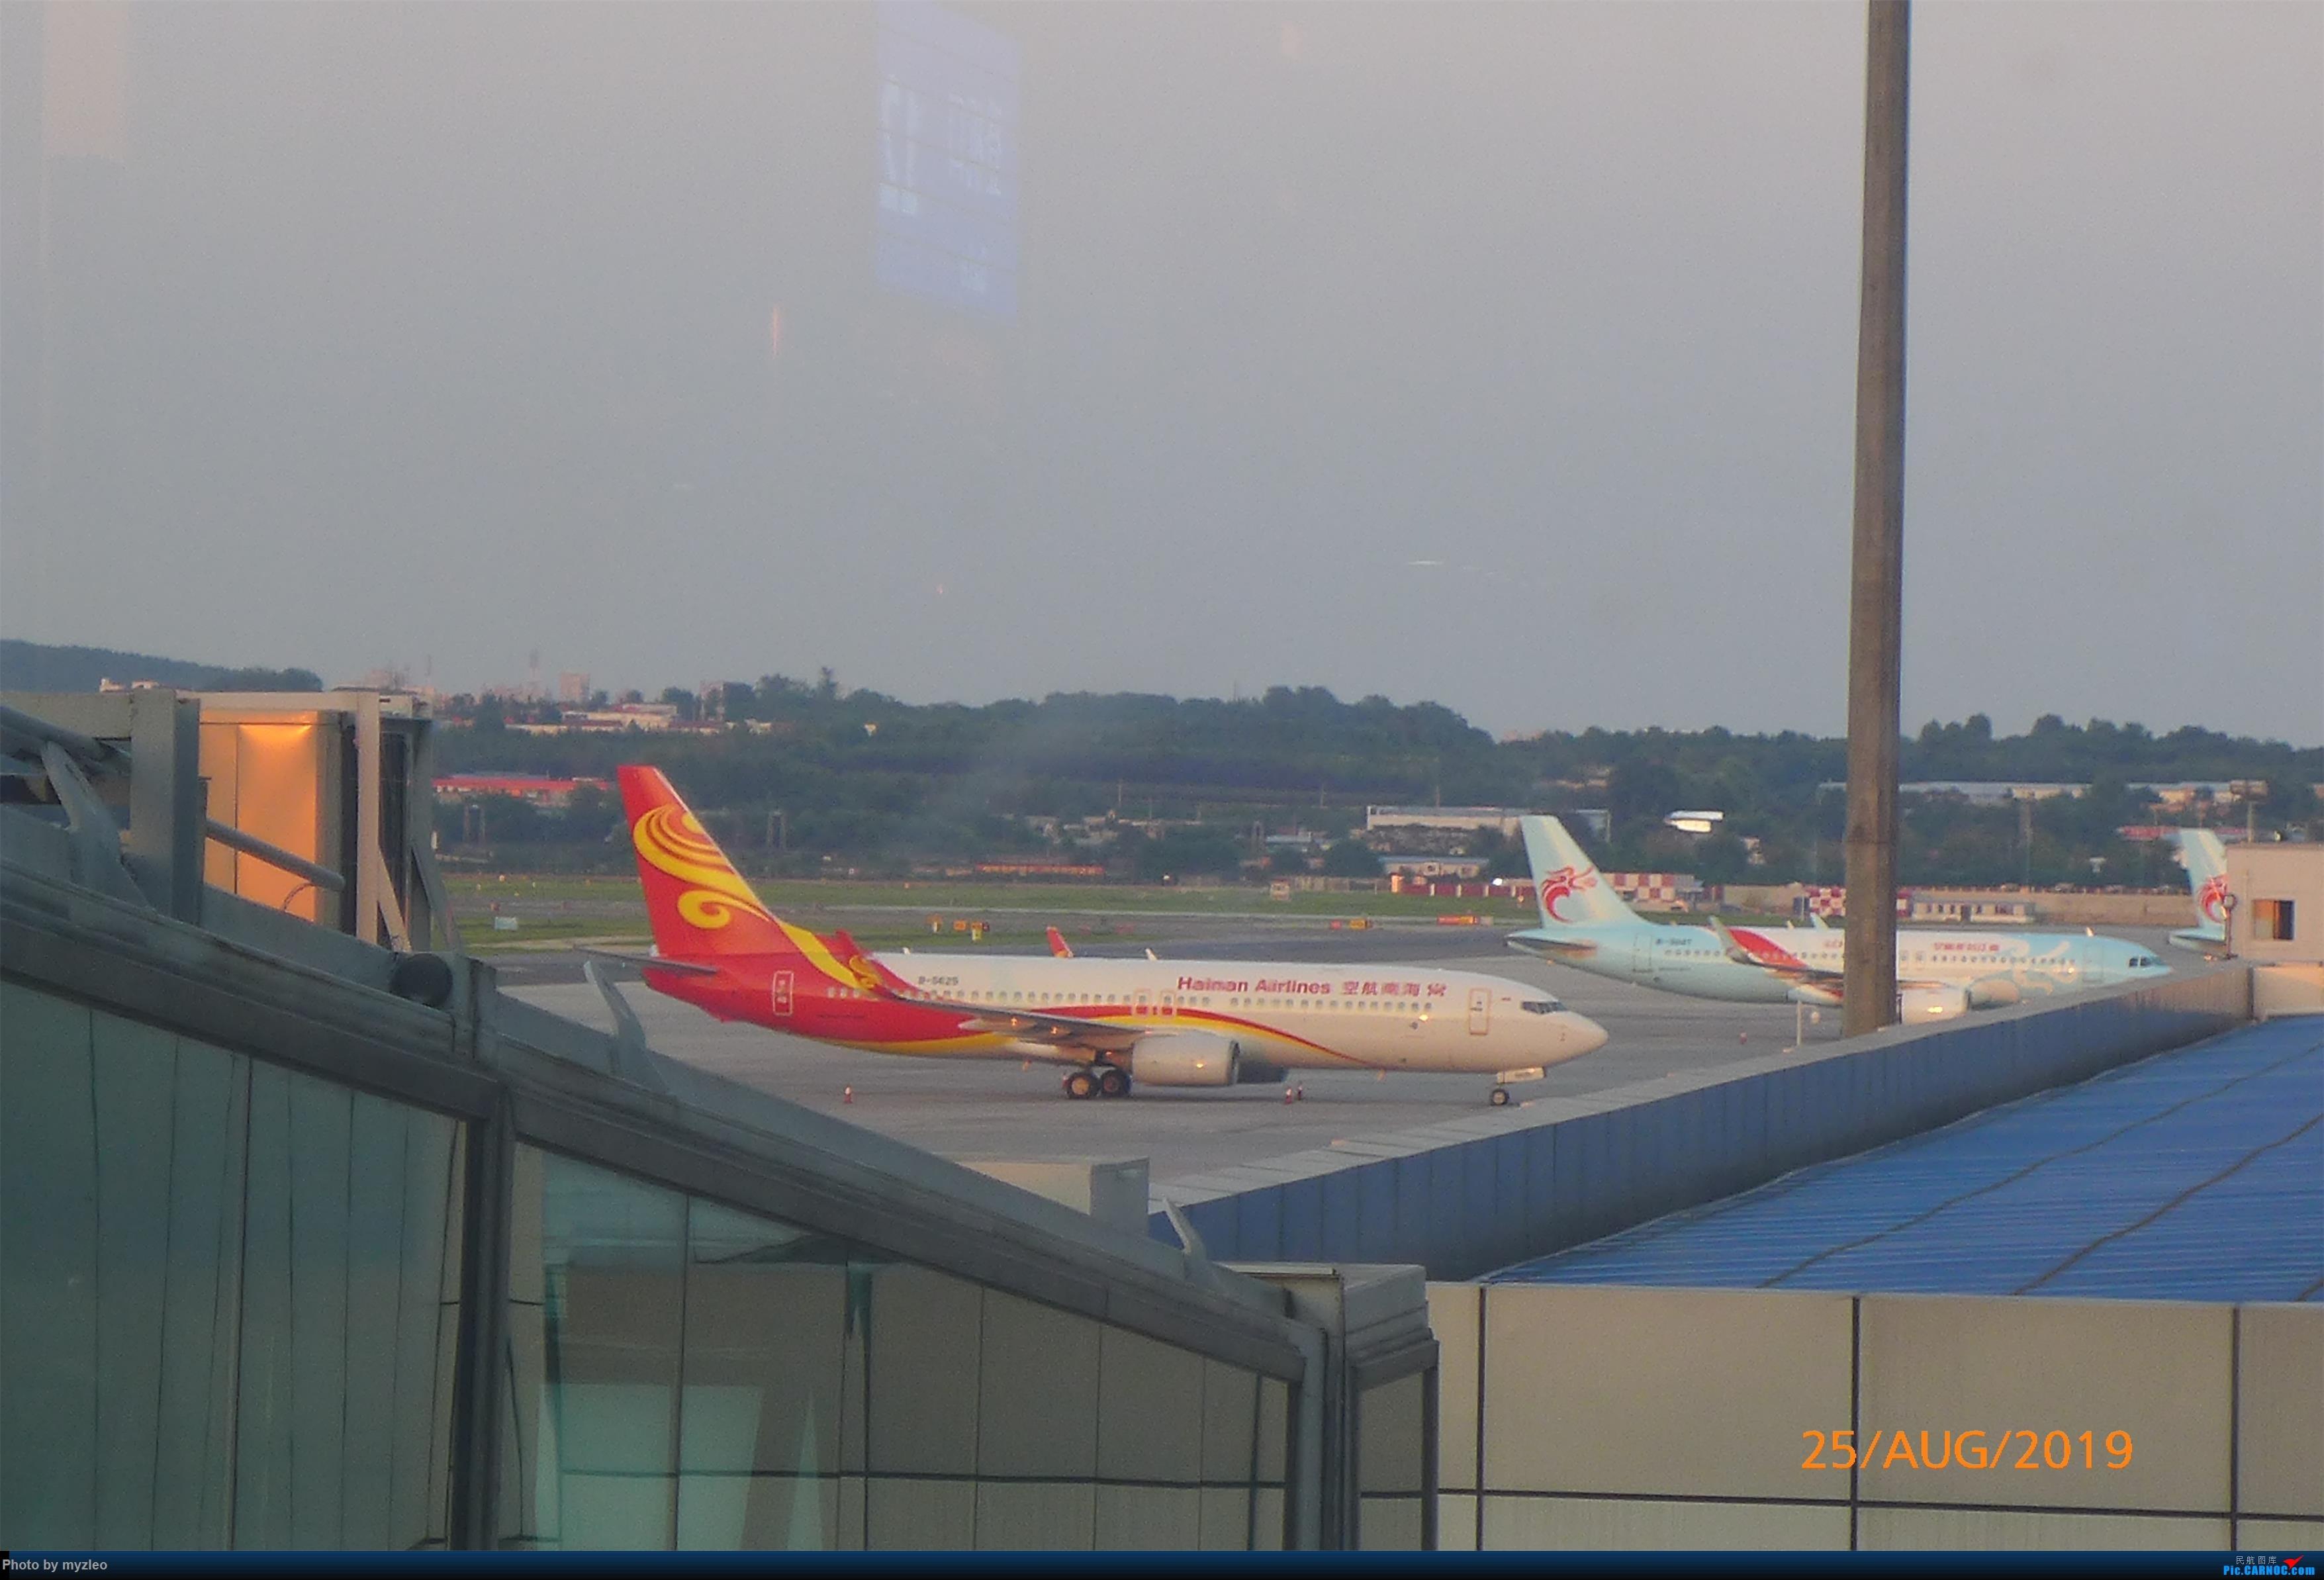 Re:[原创]【myzleo的游记5.3】在大连各景点穿梭不停,坐东航319返回上海 BOEING 737-800 B-5429 中国大连国际机场